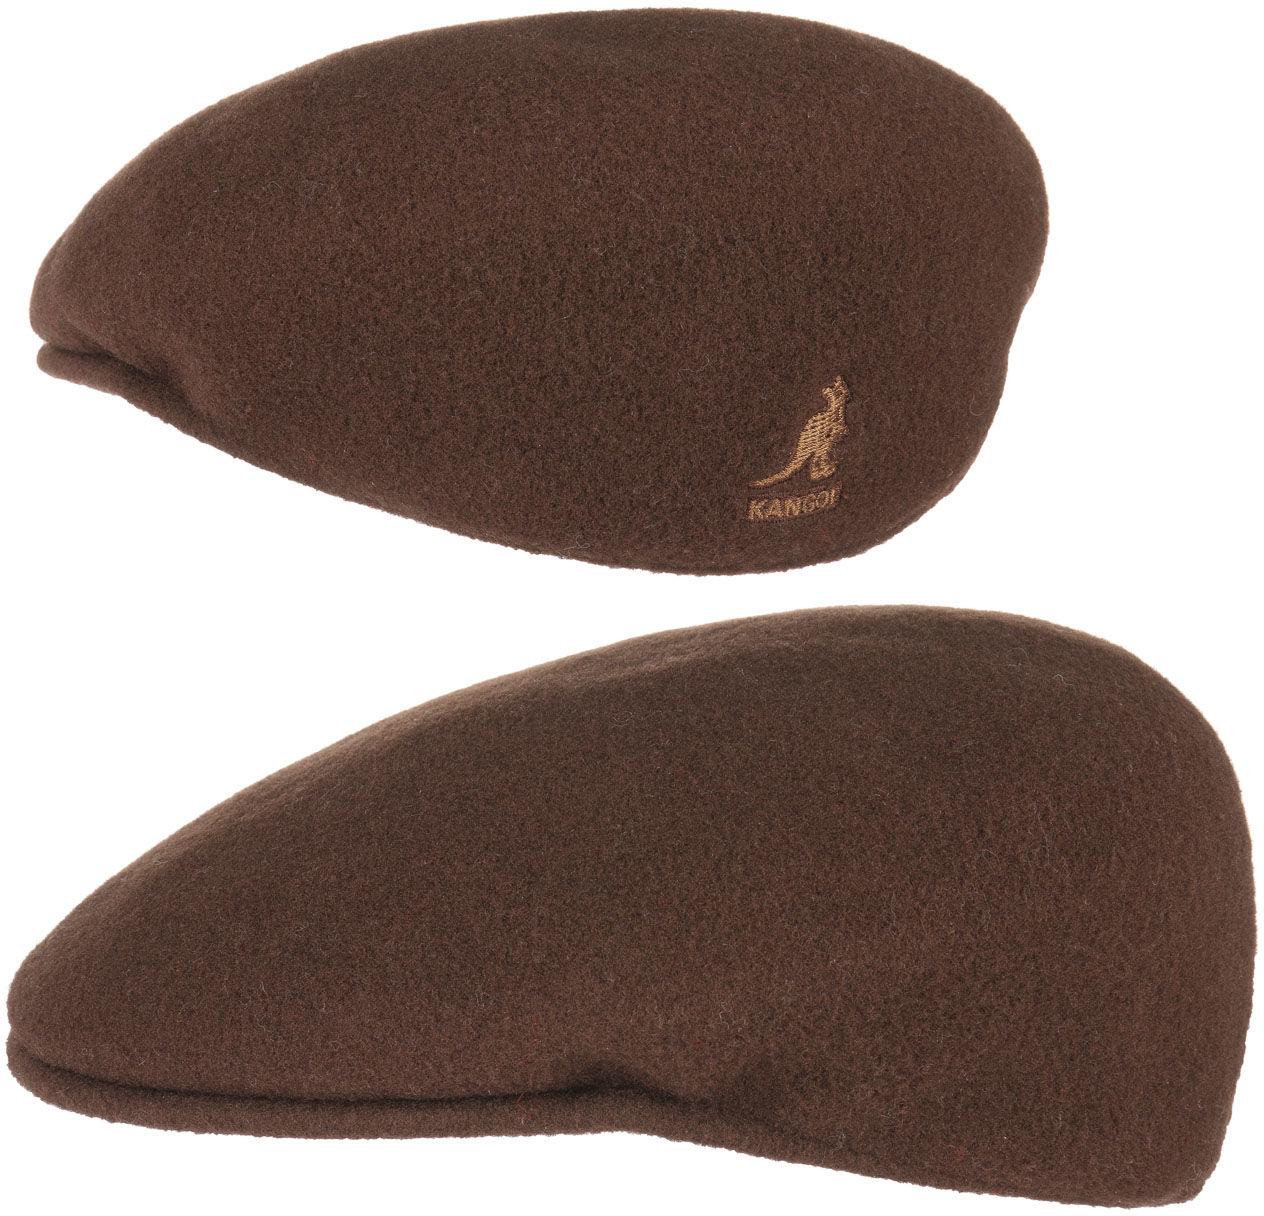 Płaski Kaszkiet 504 by Kangol, brązowy, S (54-55 cm)